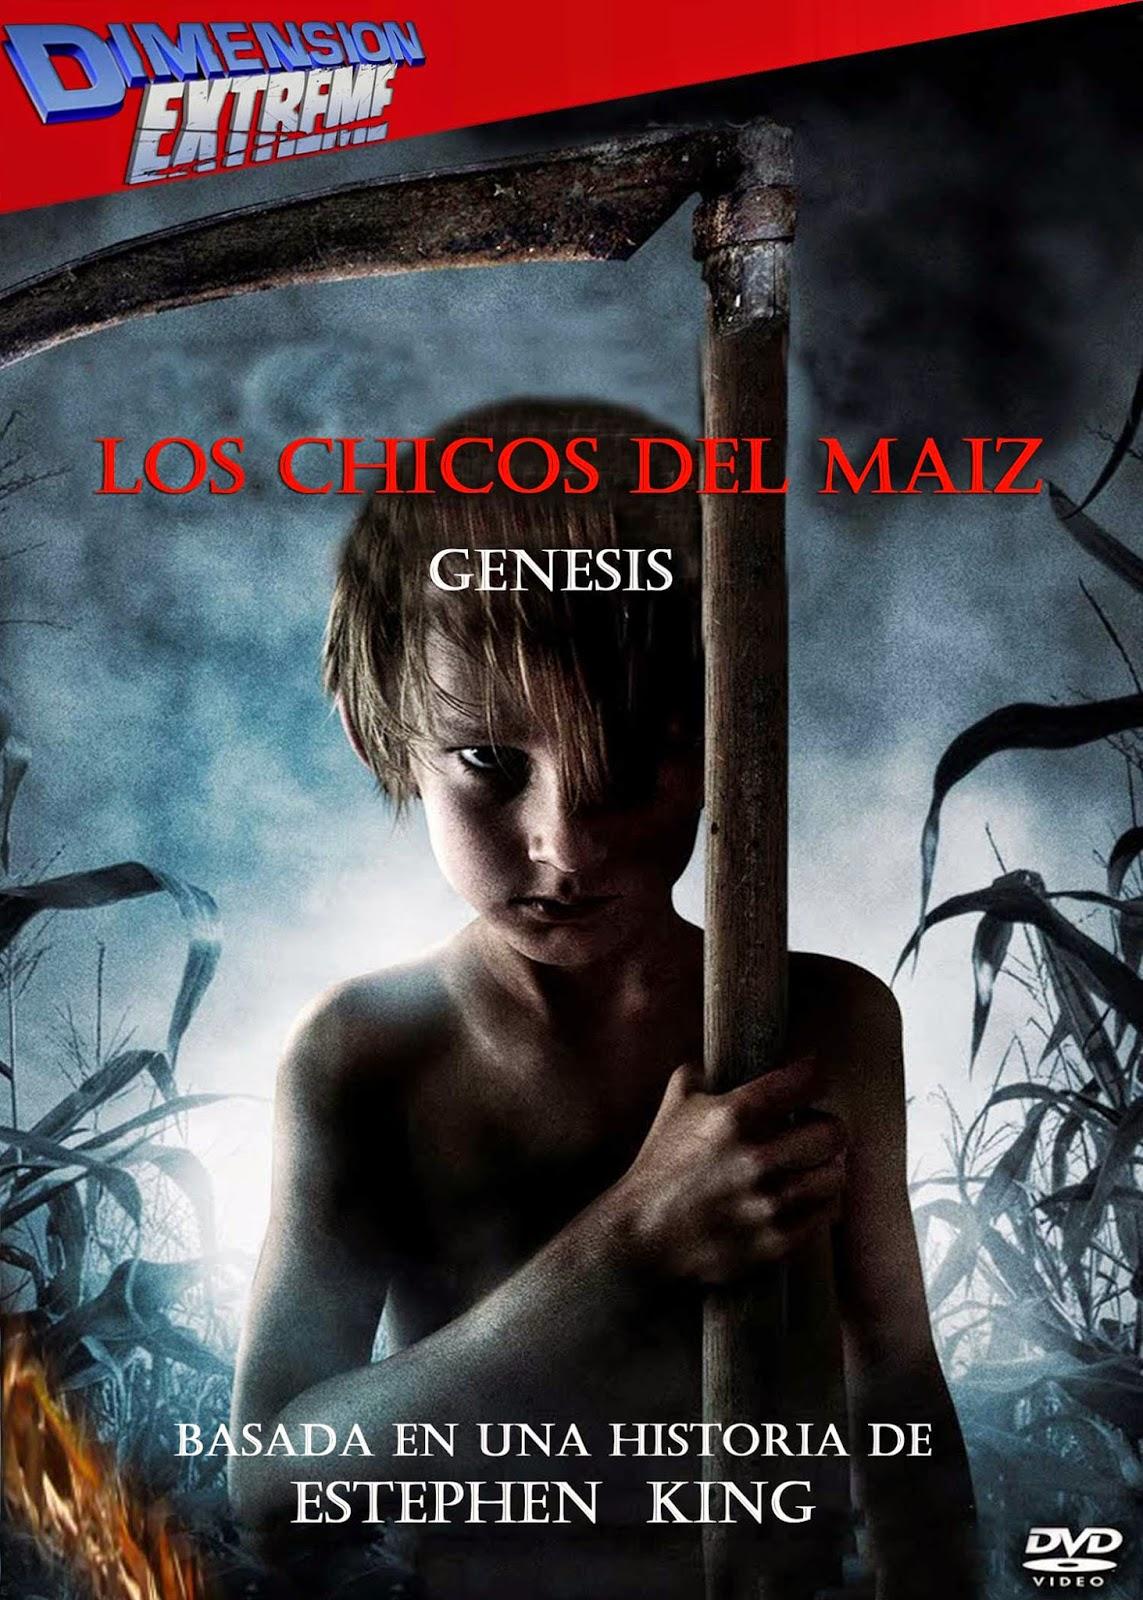 Los chicos del maiz 8 : Génesis (2011)